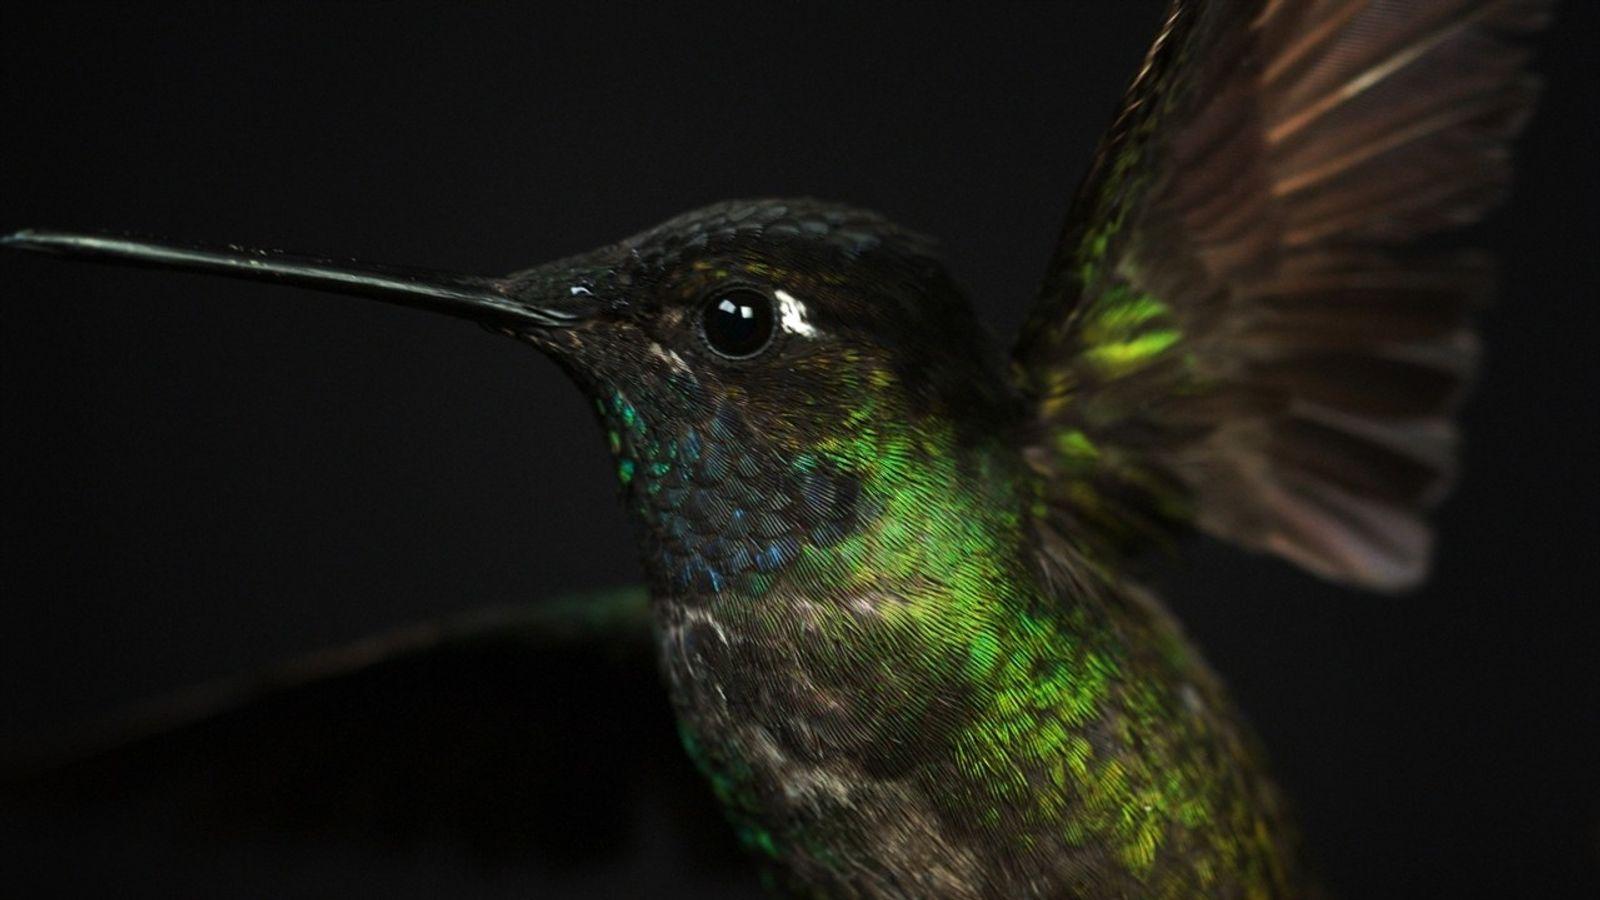 Mira el vuelo de un colibrí magnífico en detalle